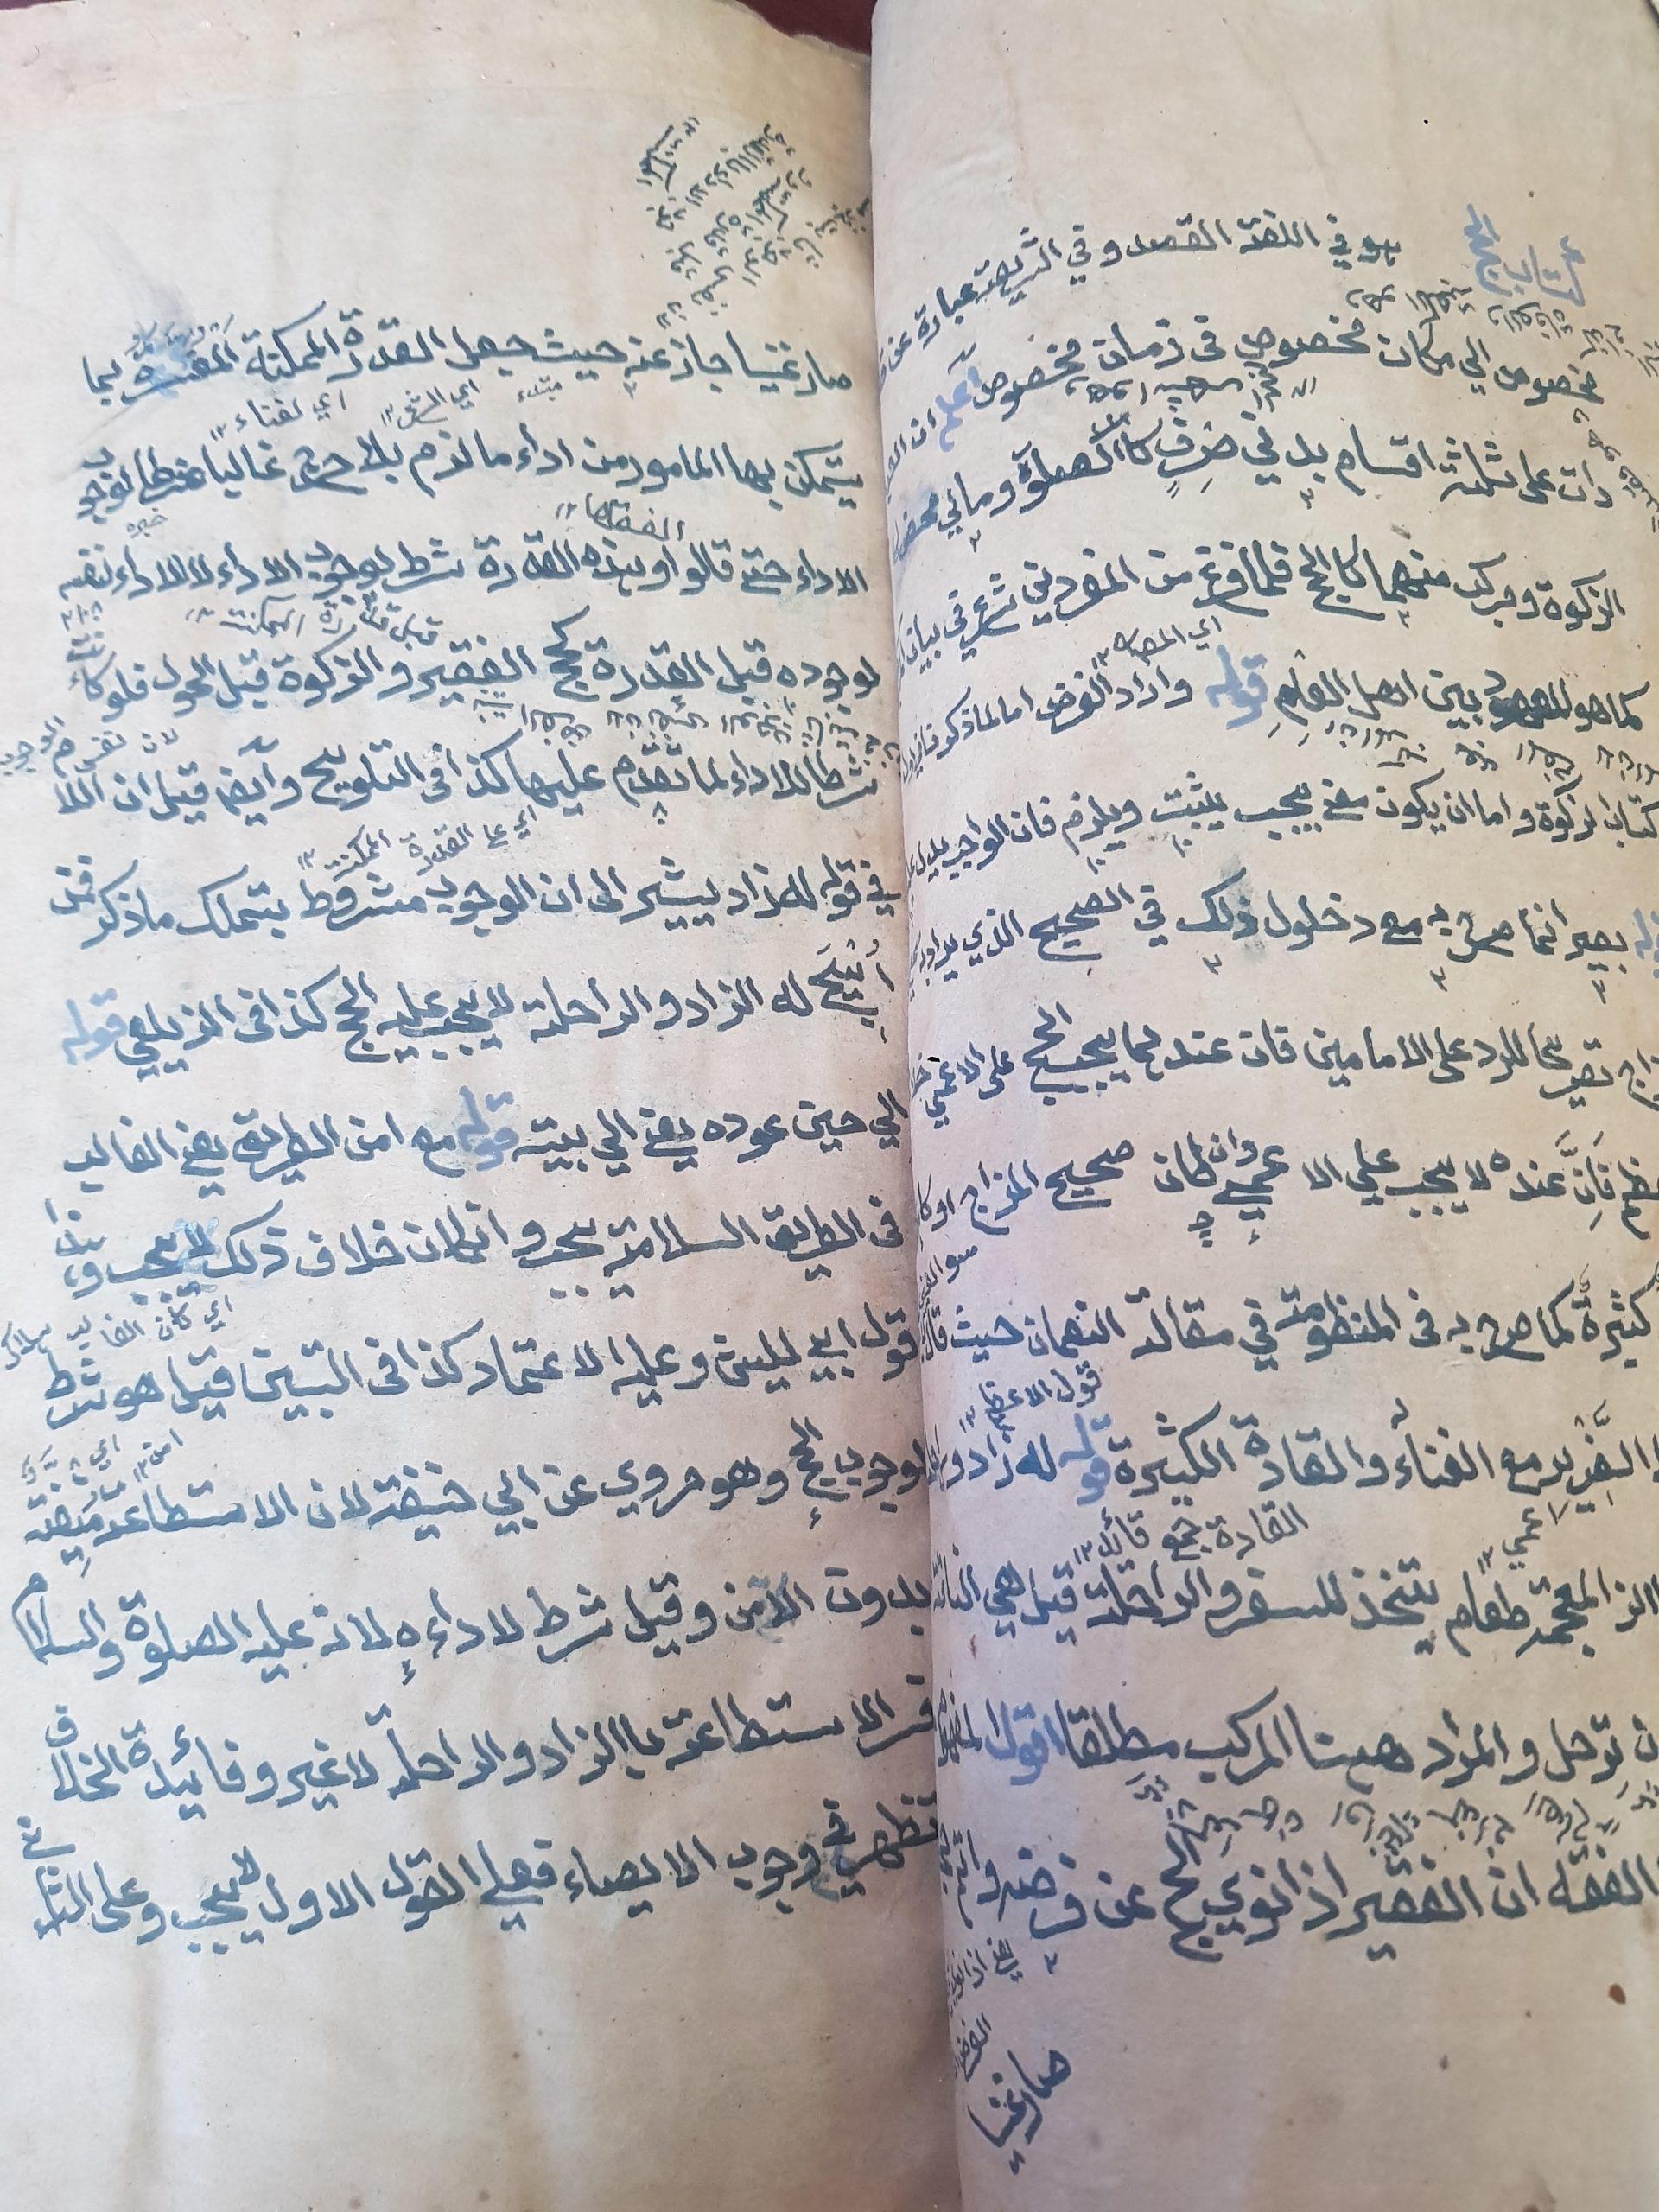 المخطوطة رقم 5